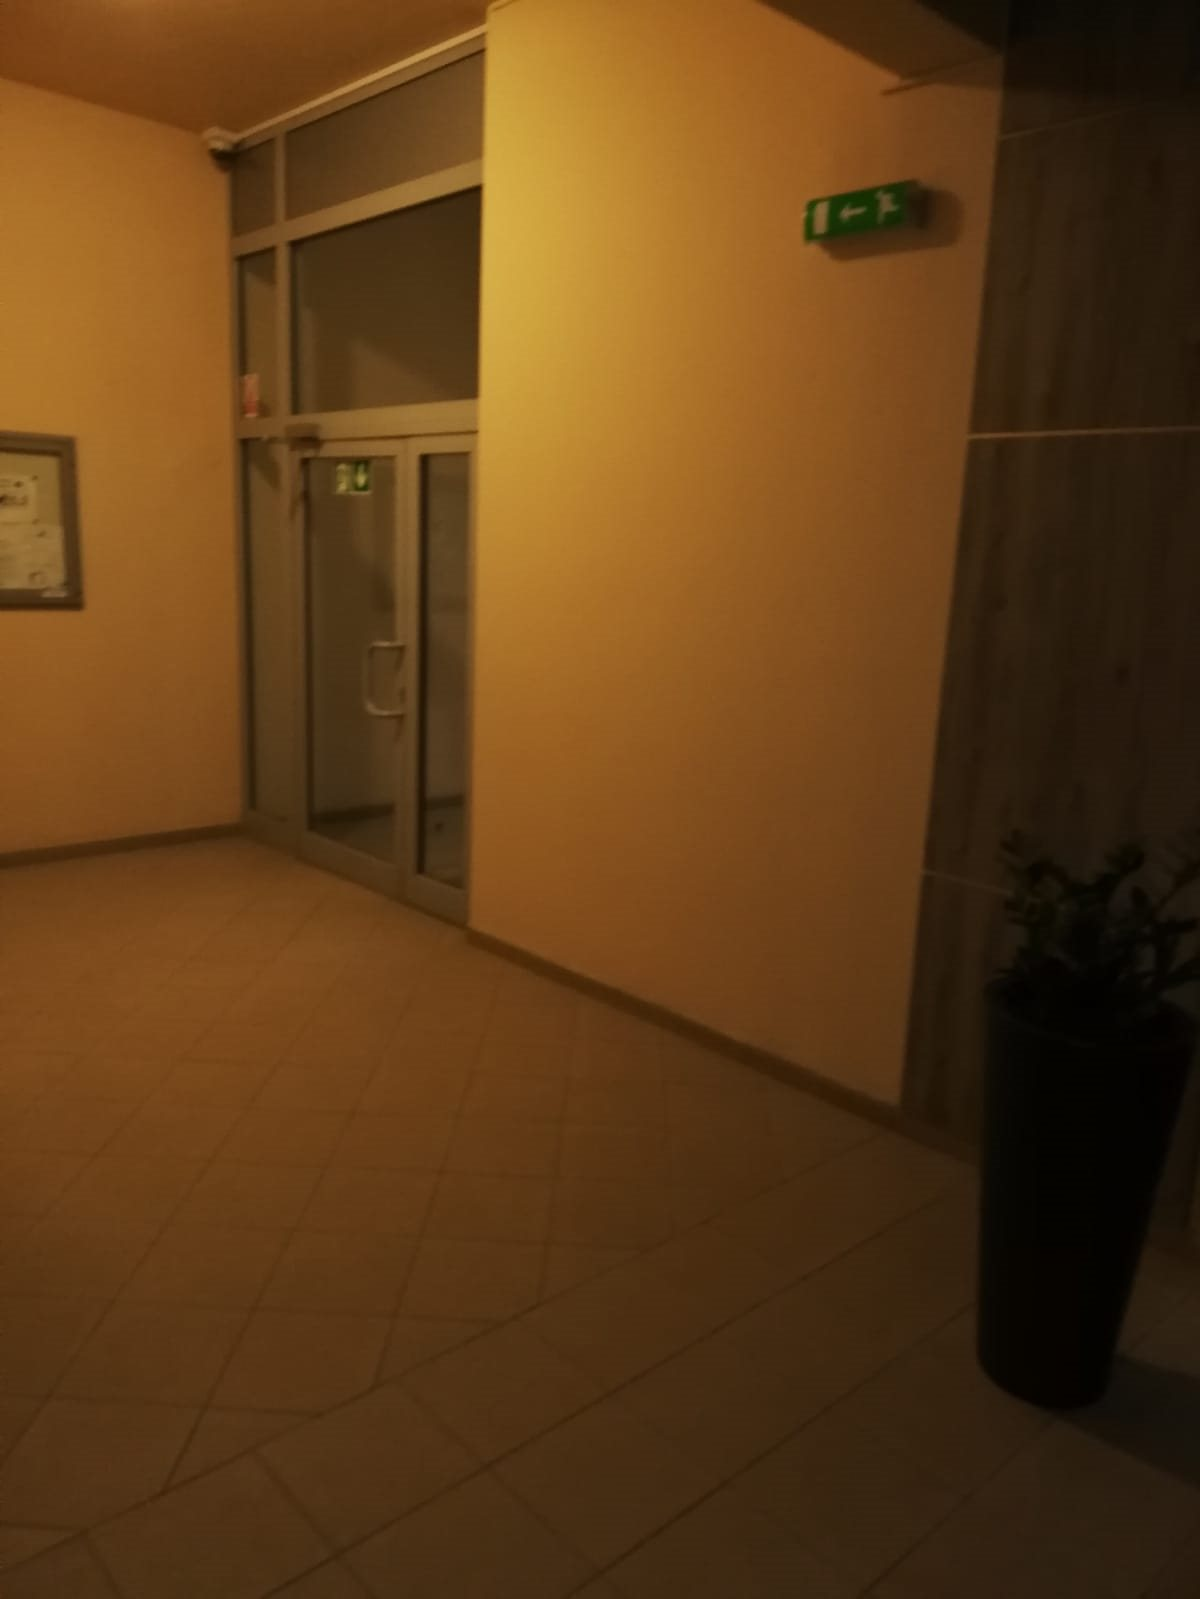 Pokój na wynajem Piaseczno, Kniaziewicza  15m2 Foto 4